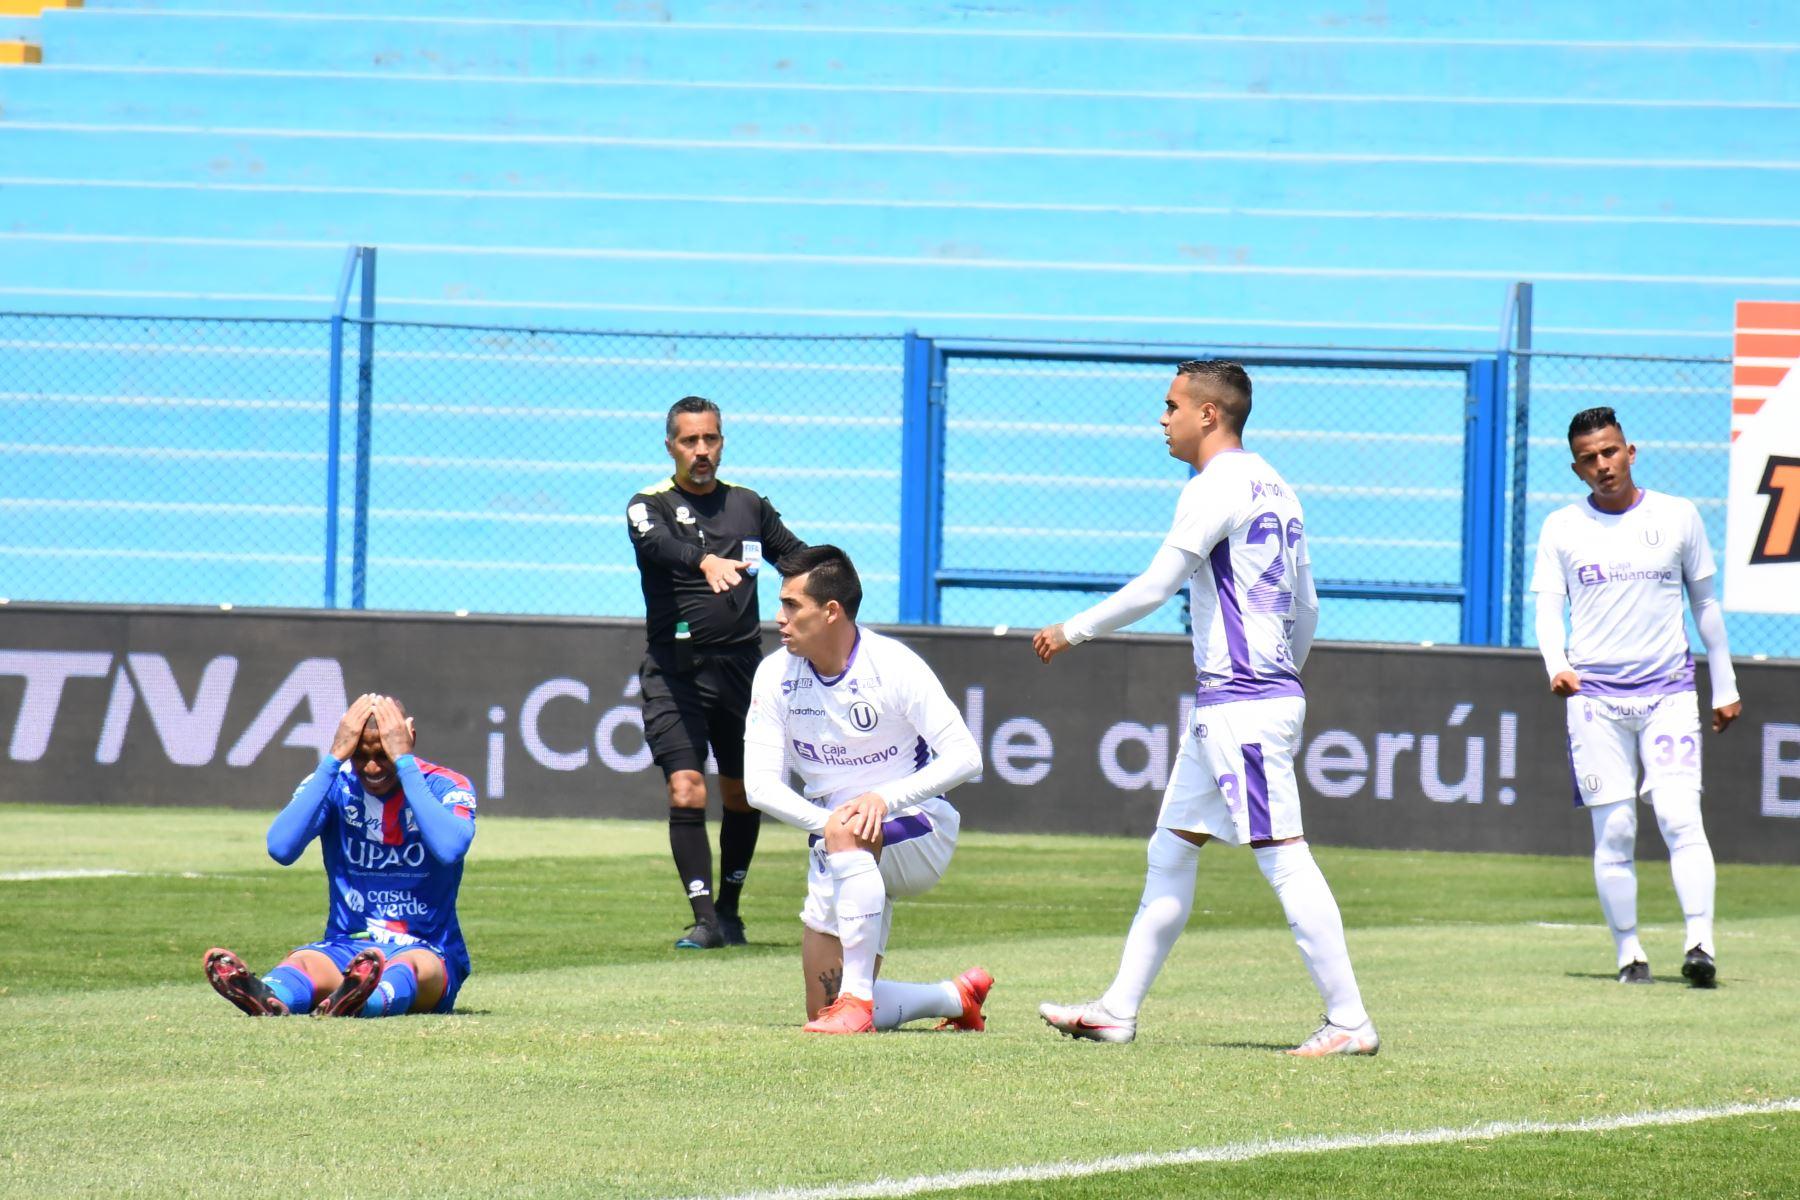 Universitario y Mannucci chocan por la jornada 13 de la Liga 1. Foto: @LigaFutProf